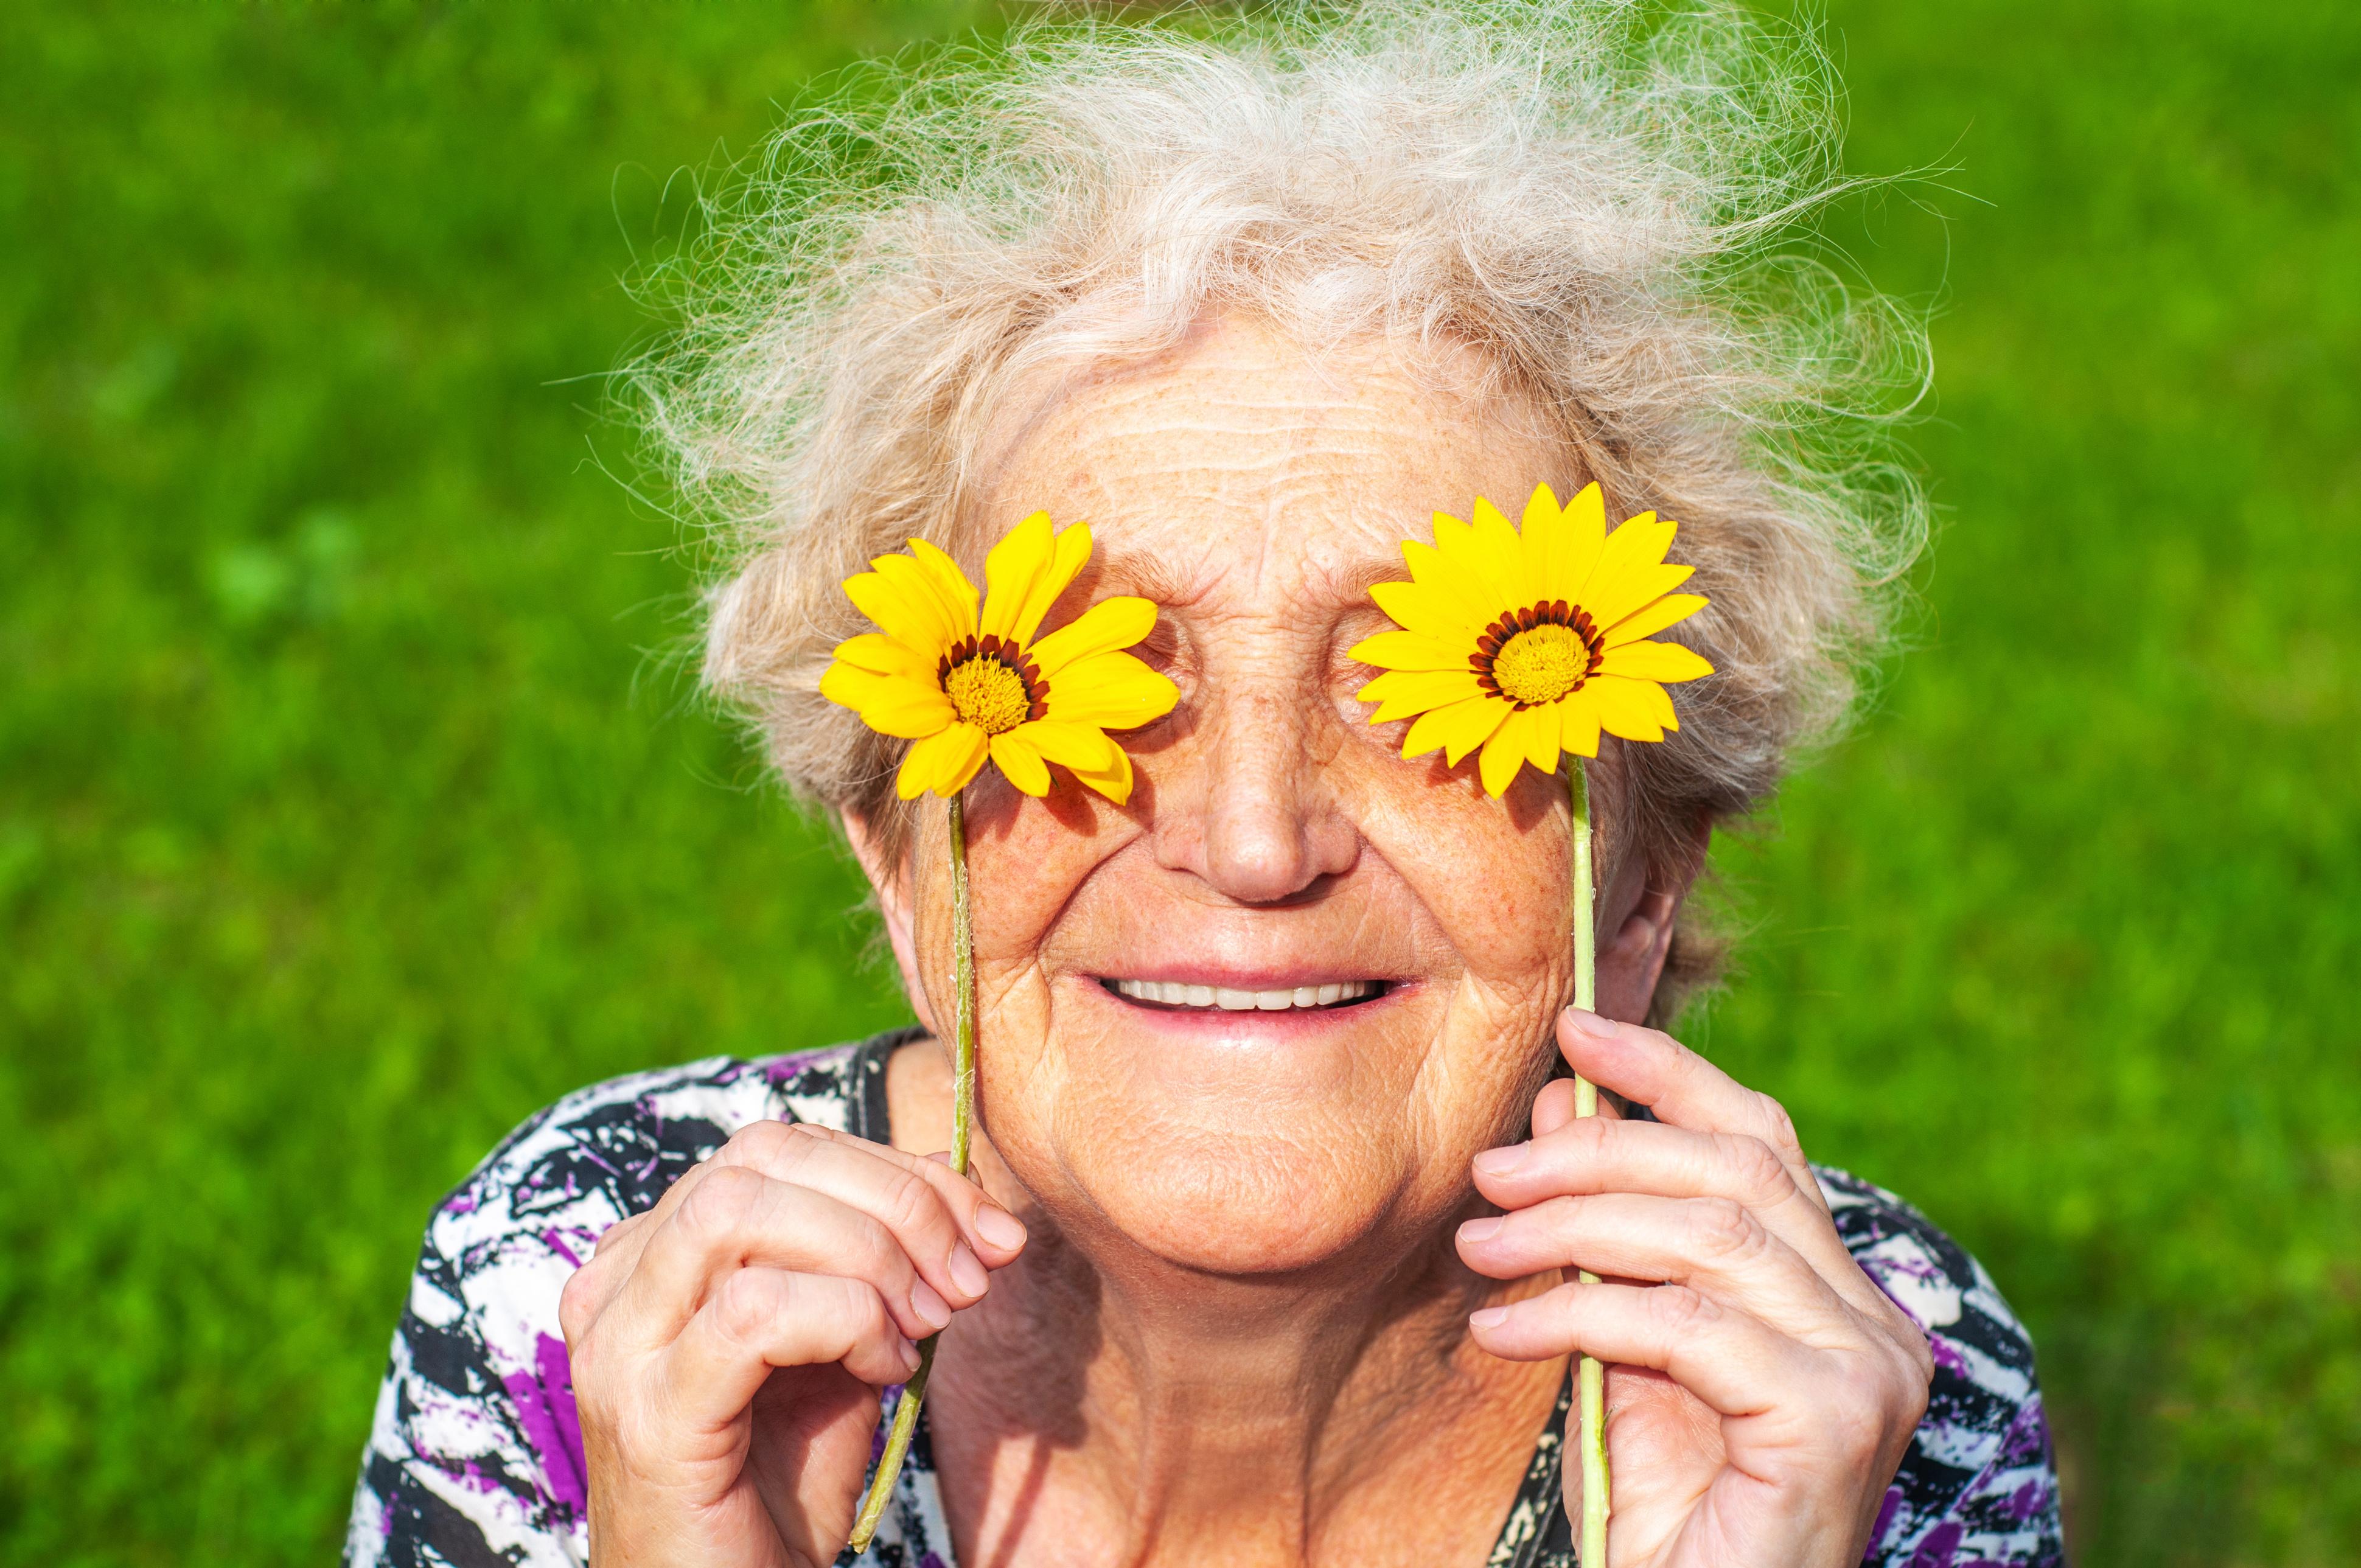 Ist Altern eine Krankheit? Über den Anti-Aging-Unfug